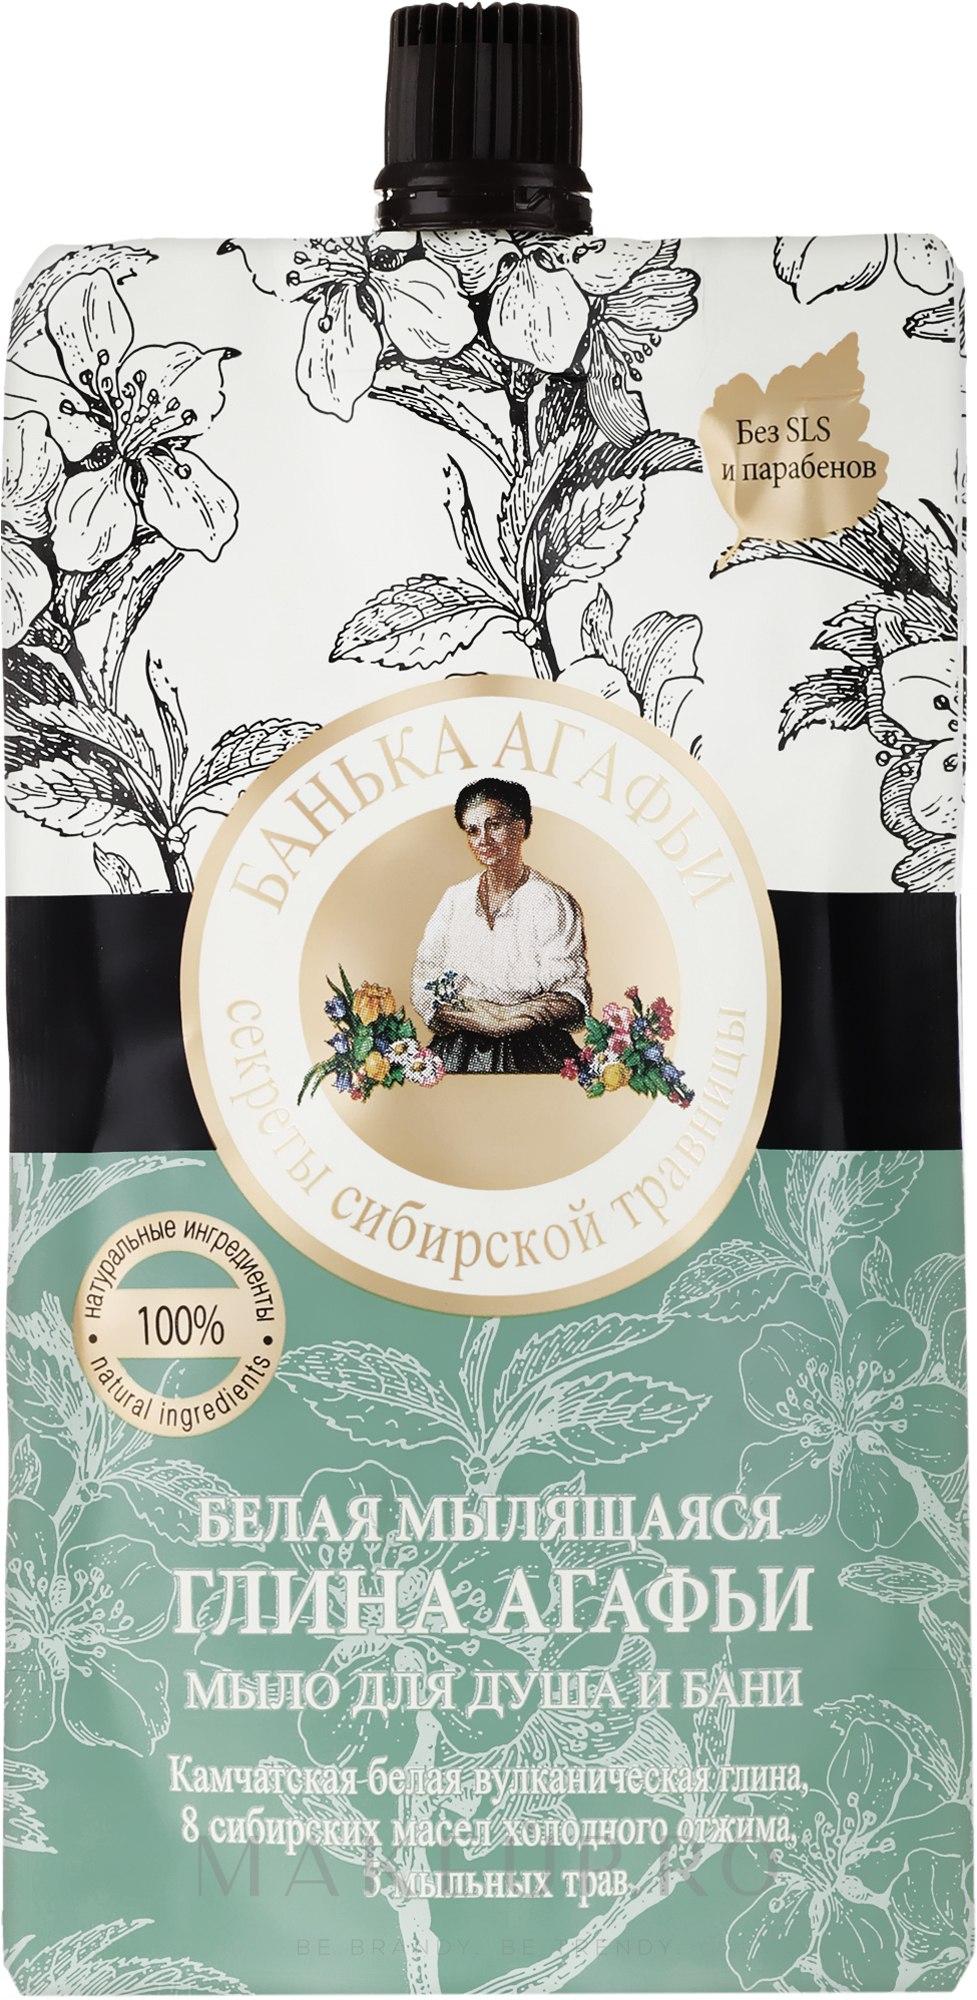 """Săpun cu argilă albă Agafia """"Săpun pentru duș și baie """" - Reţete bunicii Agafia Baia bunicii Agafia — Imagine 100 ml"""